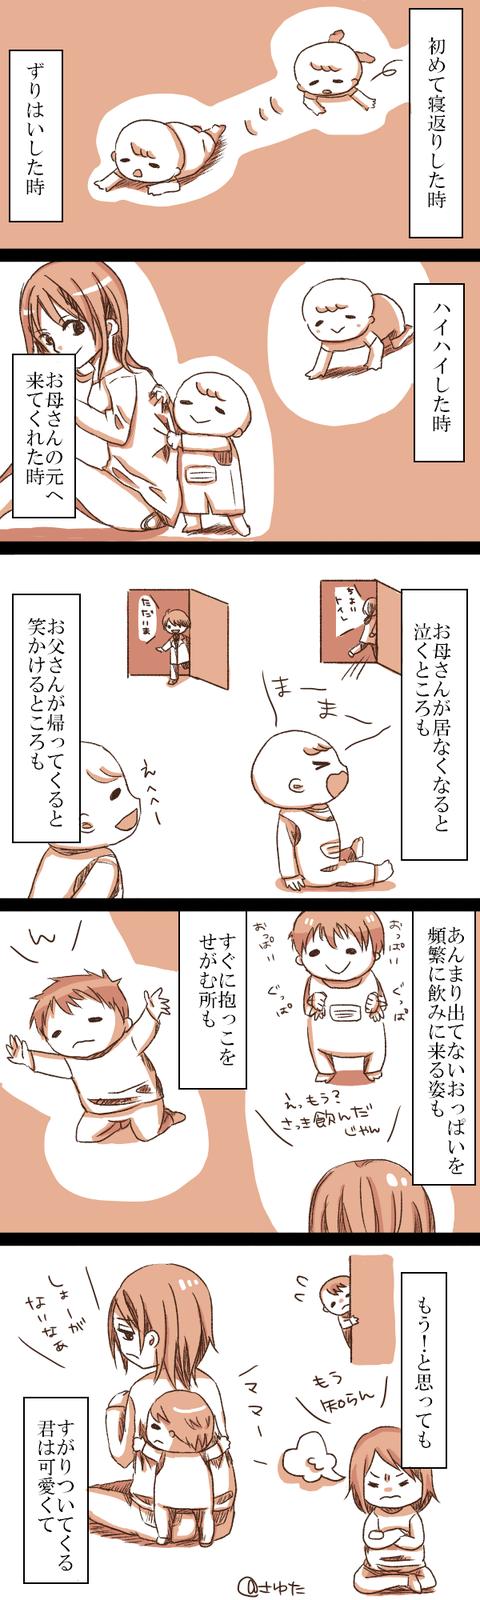 むすめ51-3